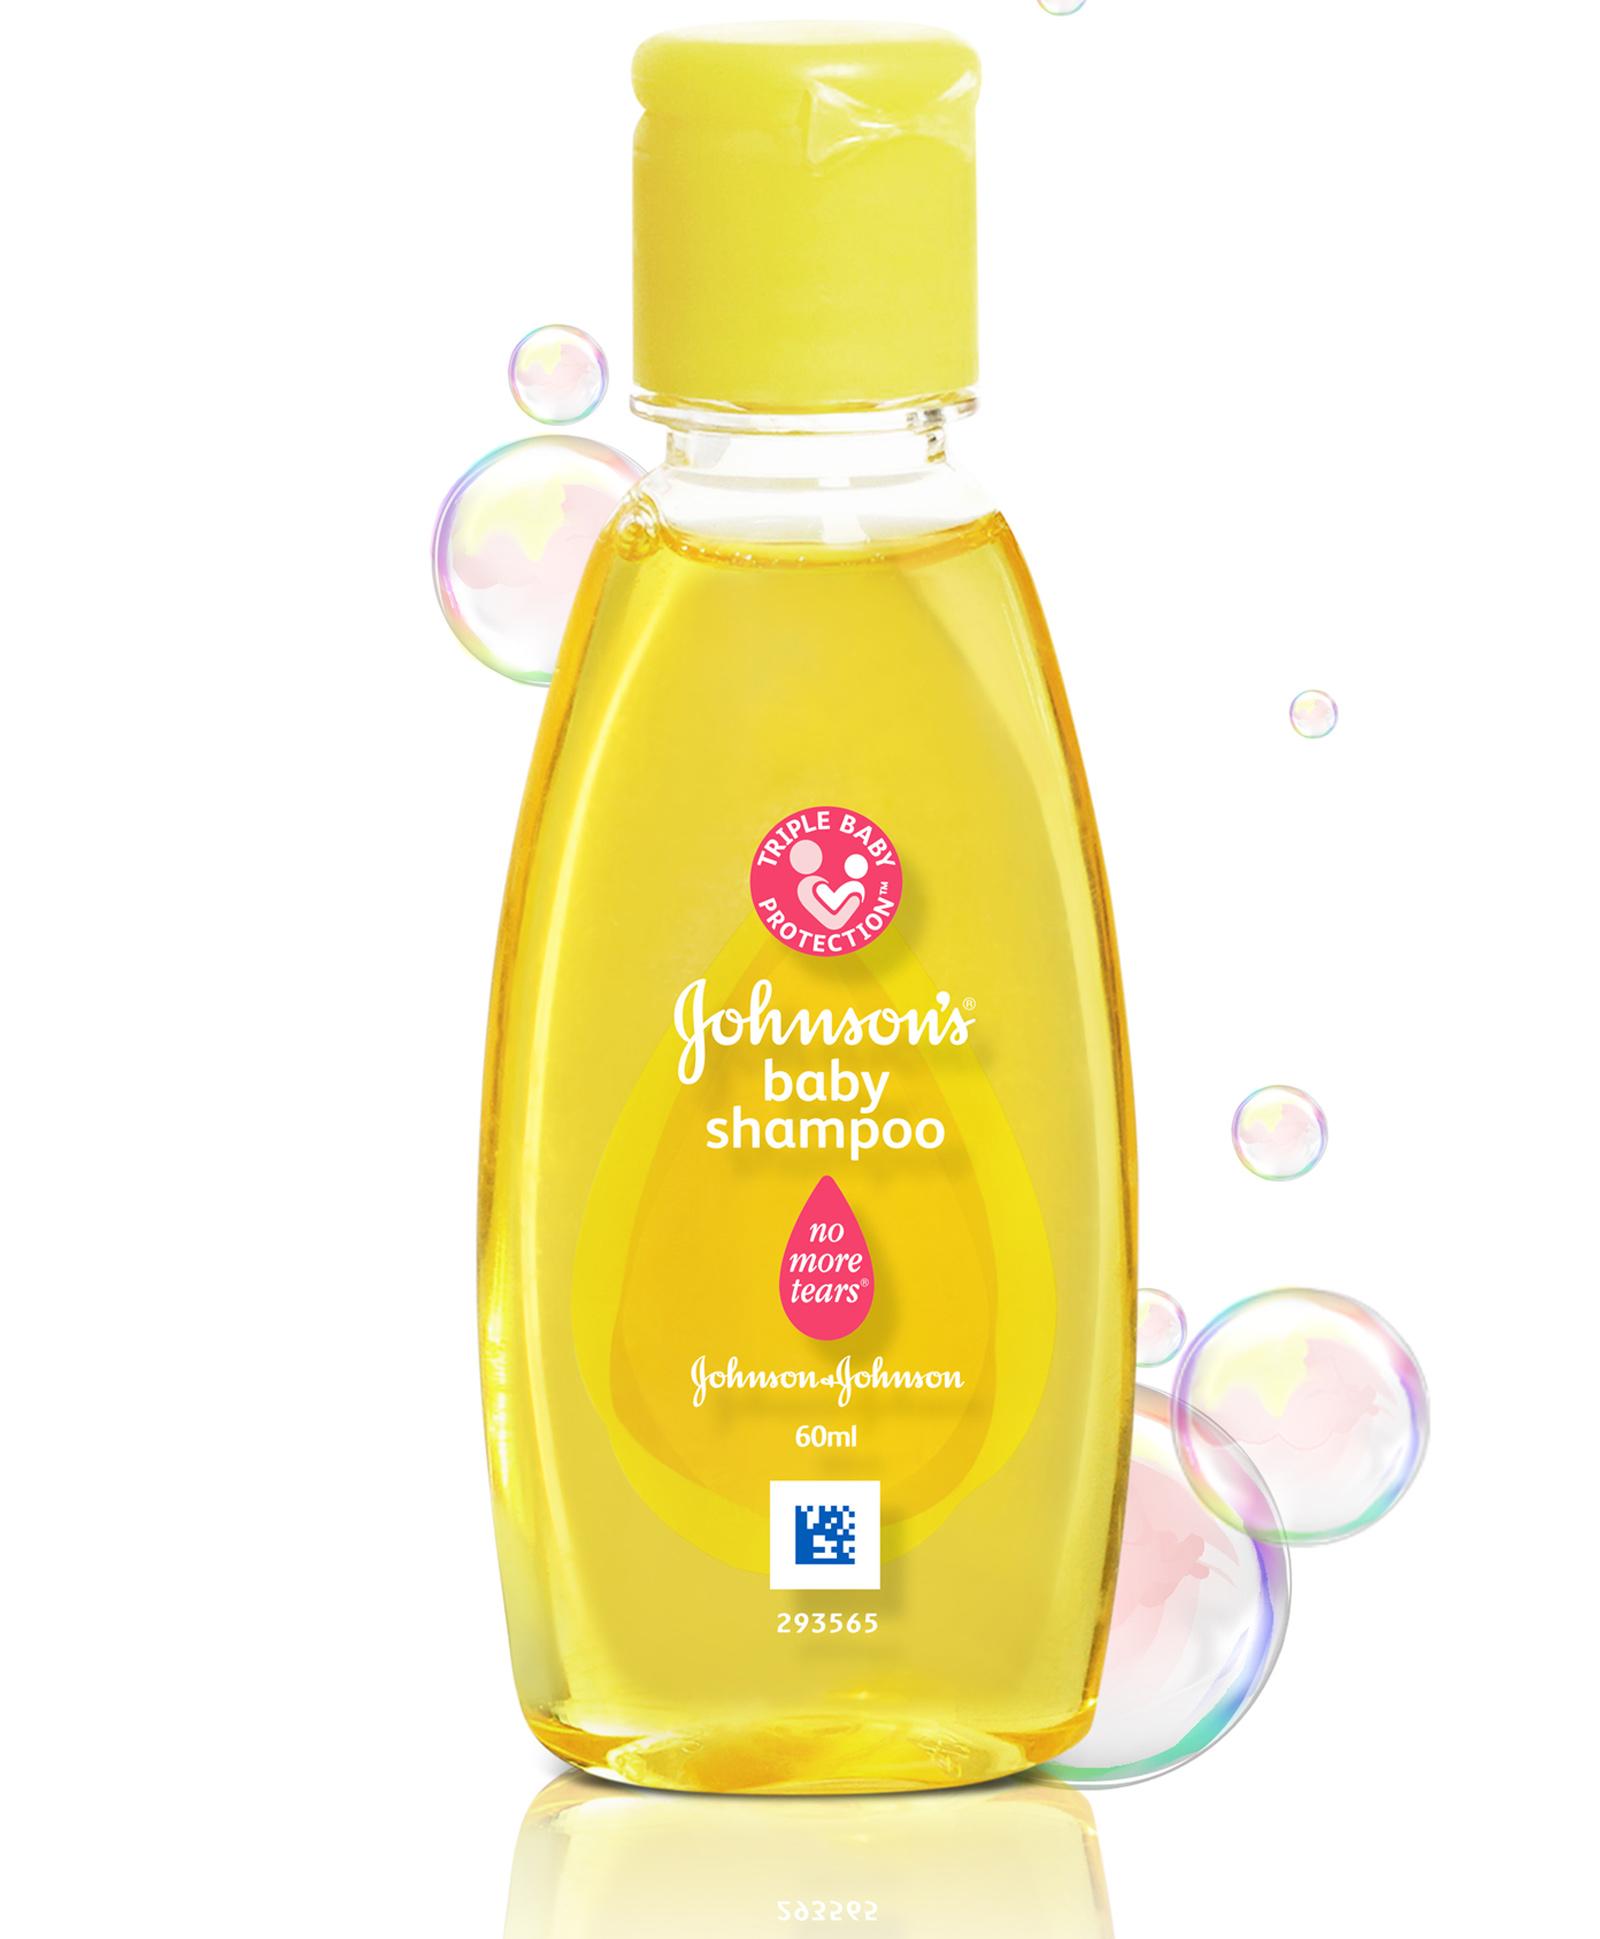 1600x1939 Johnson's Baby Shampoo